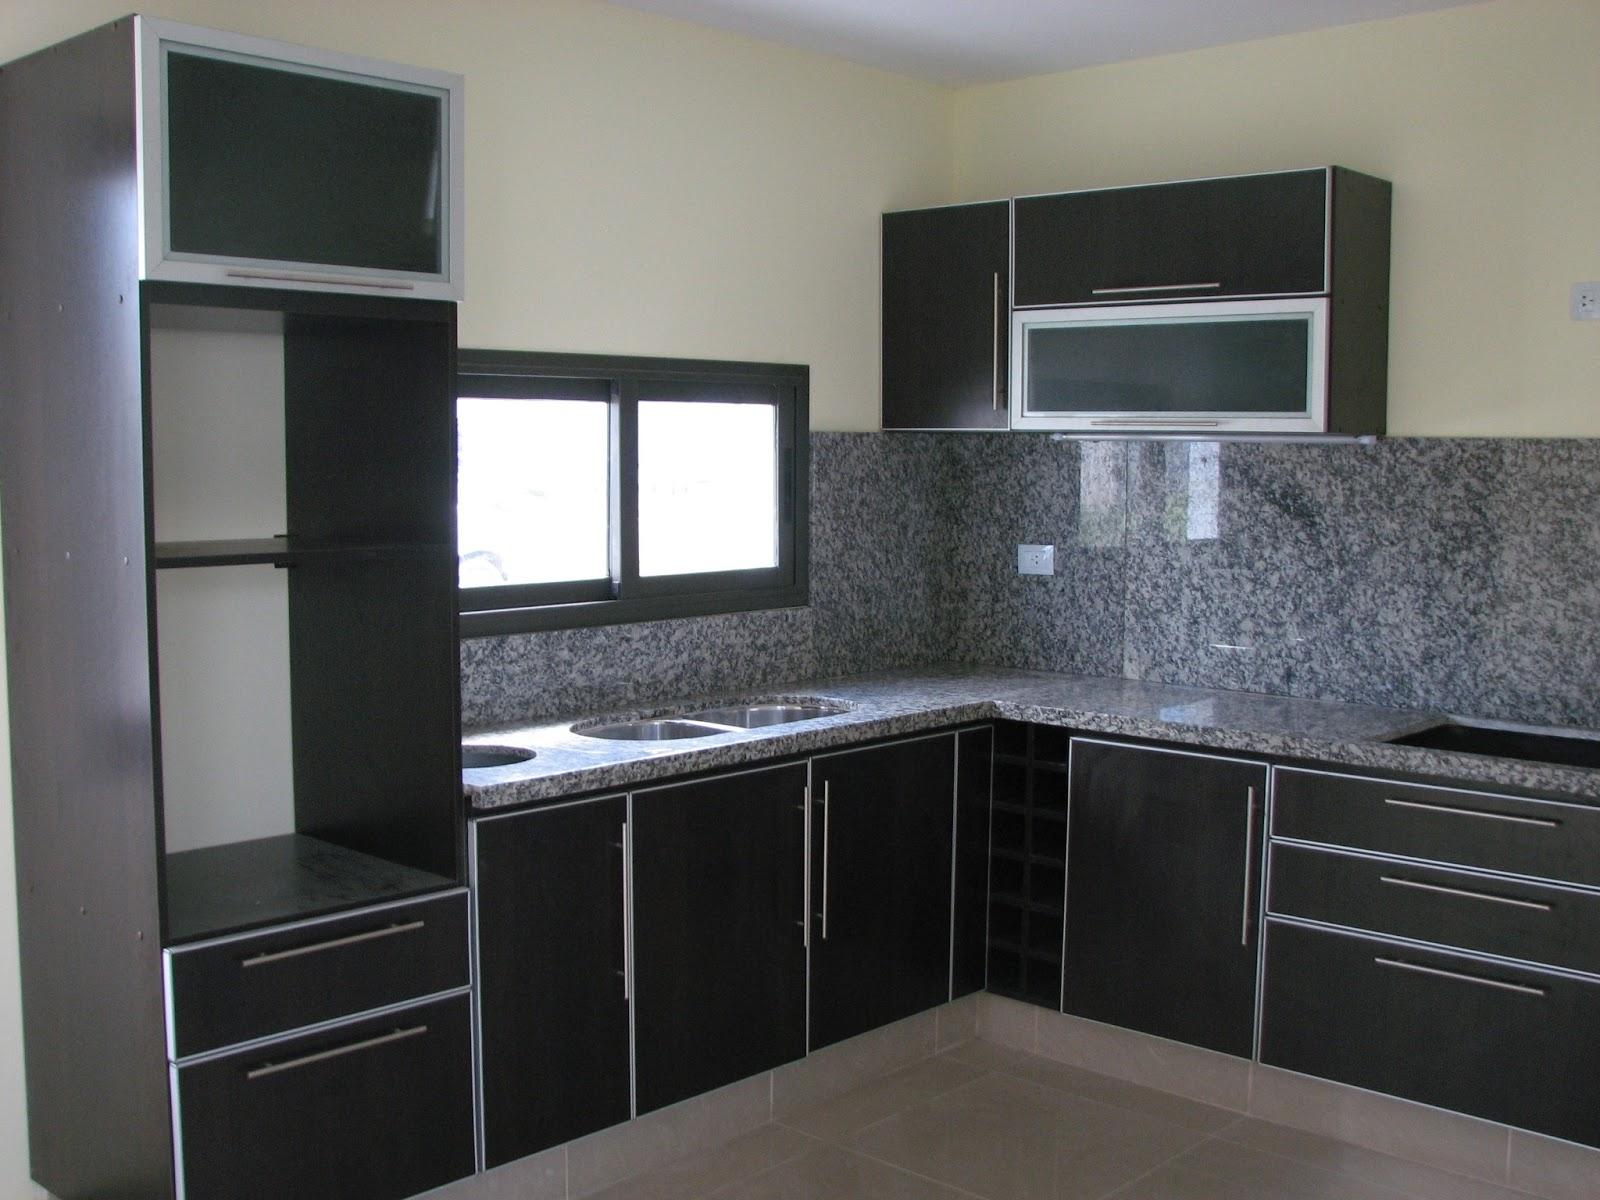 Cocinas y vestidores en mdf l nea cocina integral en for Cocinas integrales en aluminio